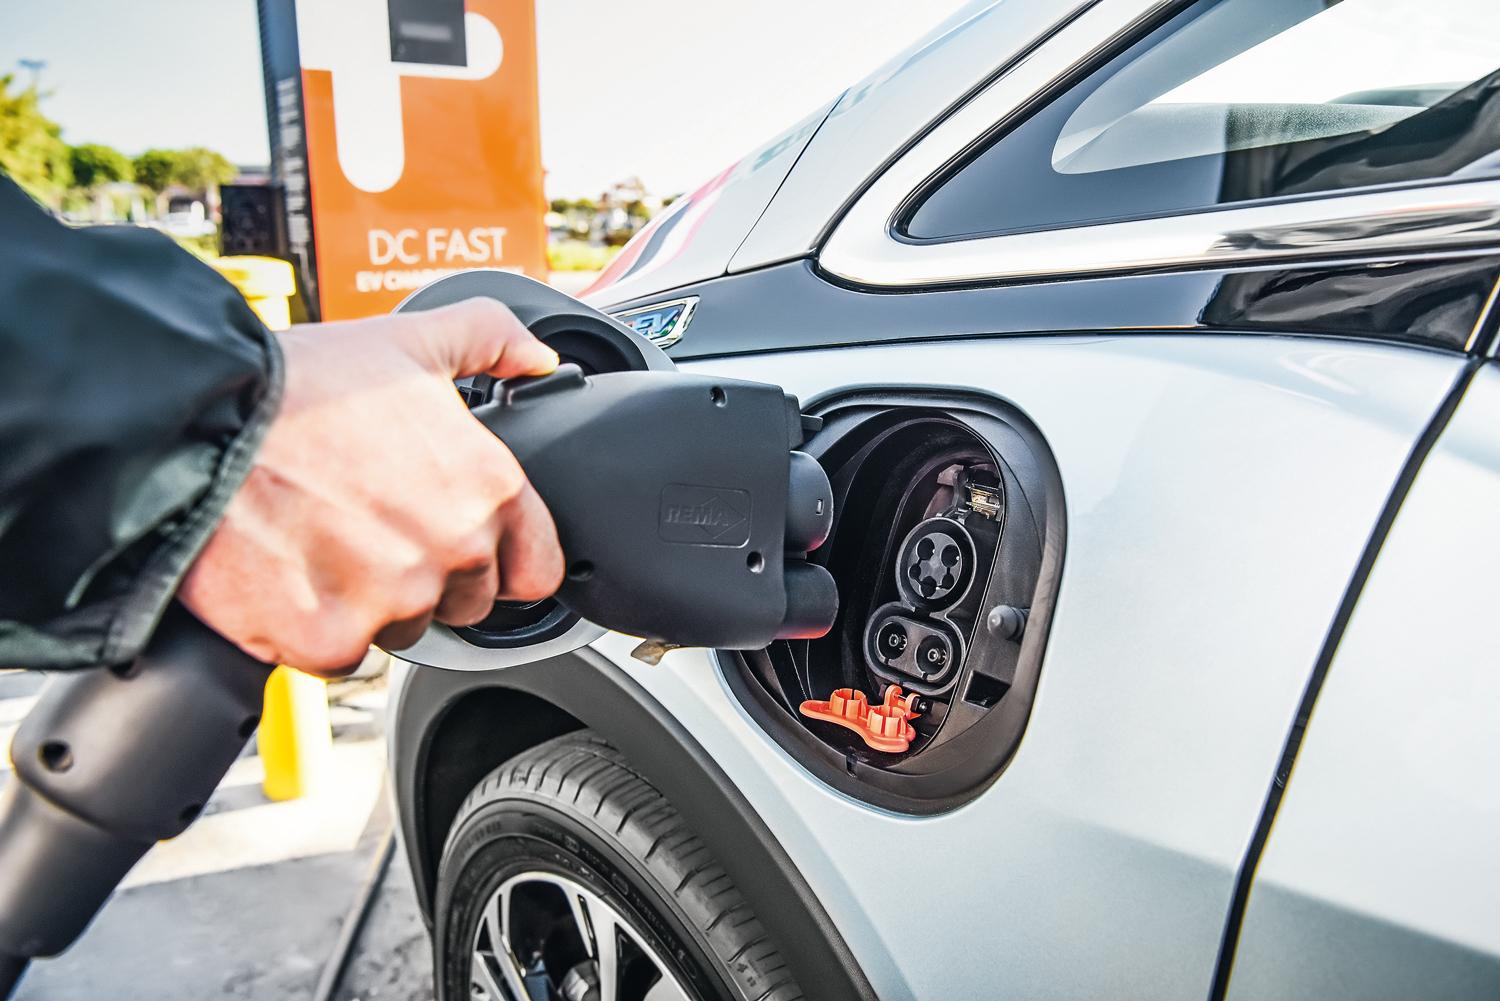 convencional de 220 V as baterias precisam de até nove horas para carregar totalmente